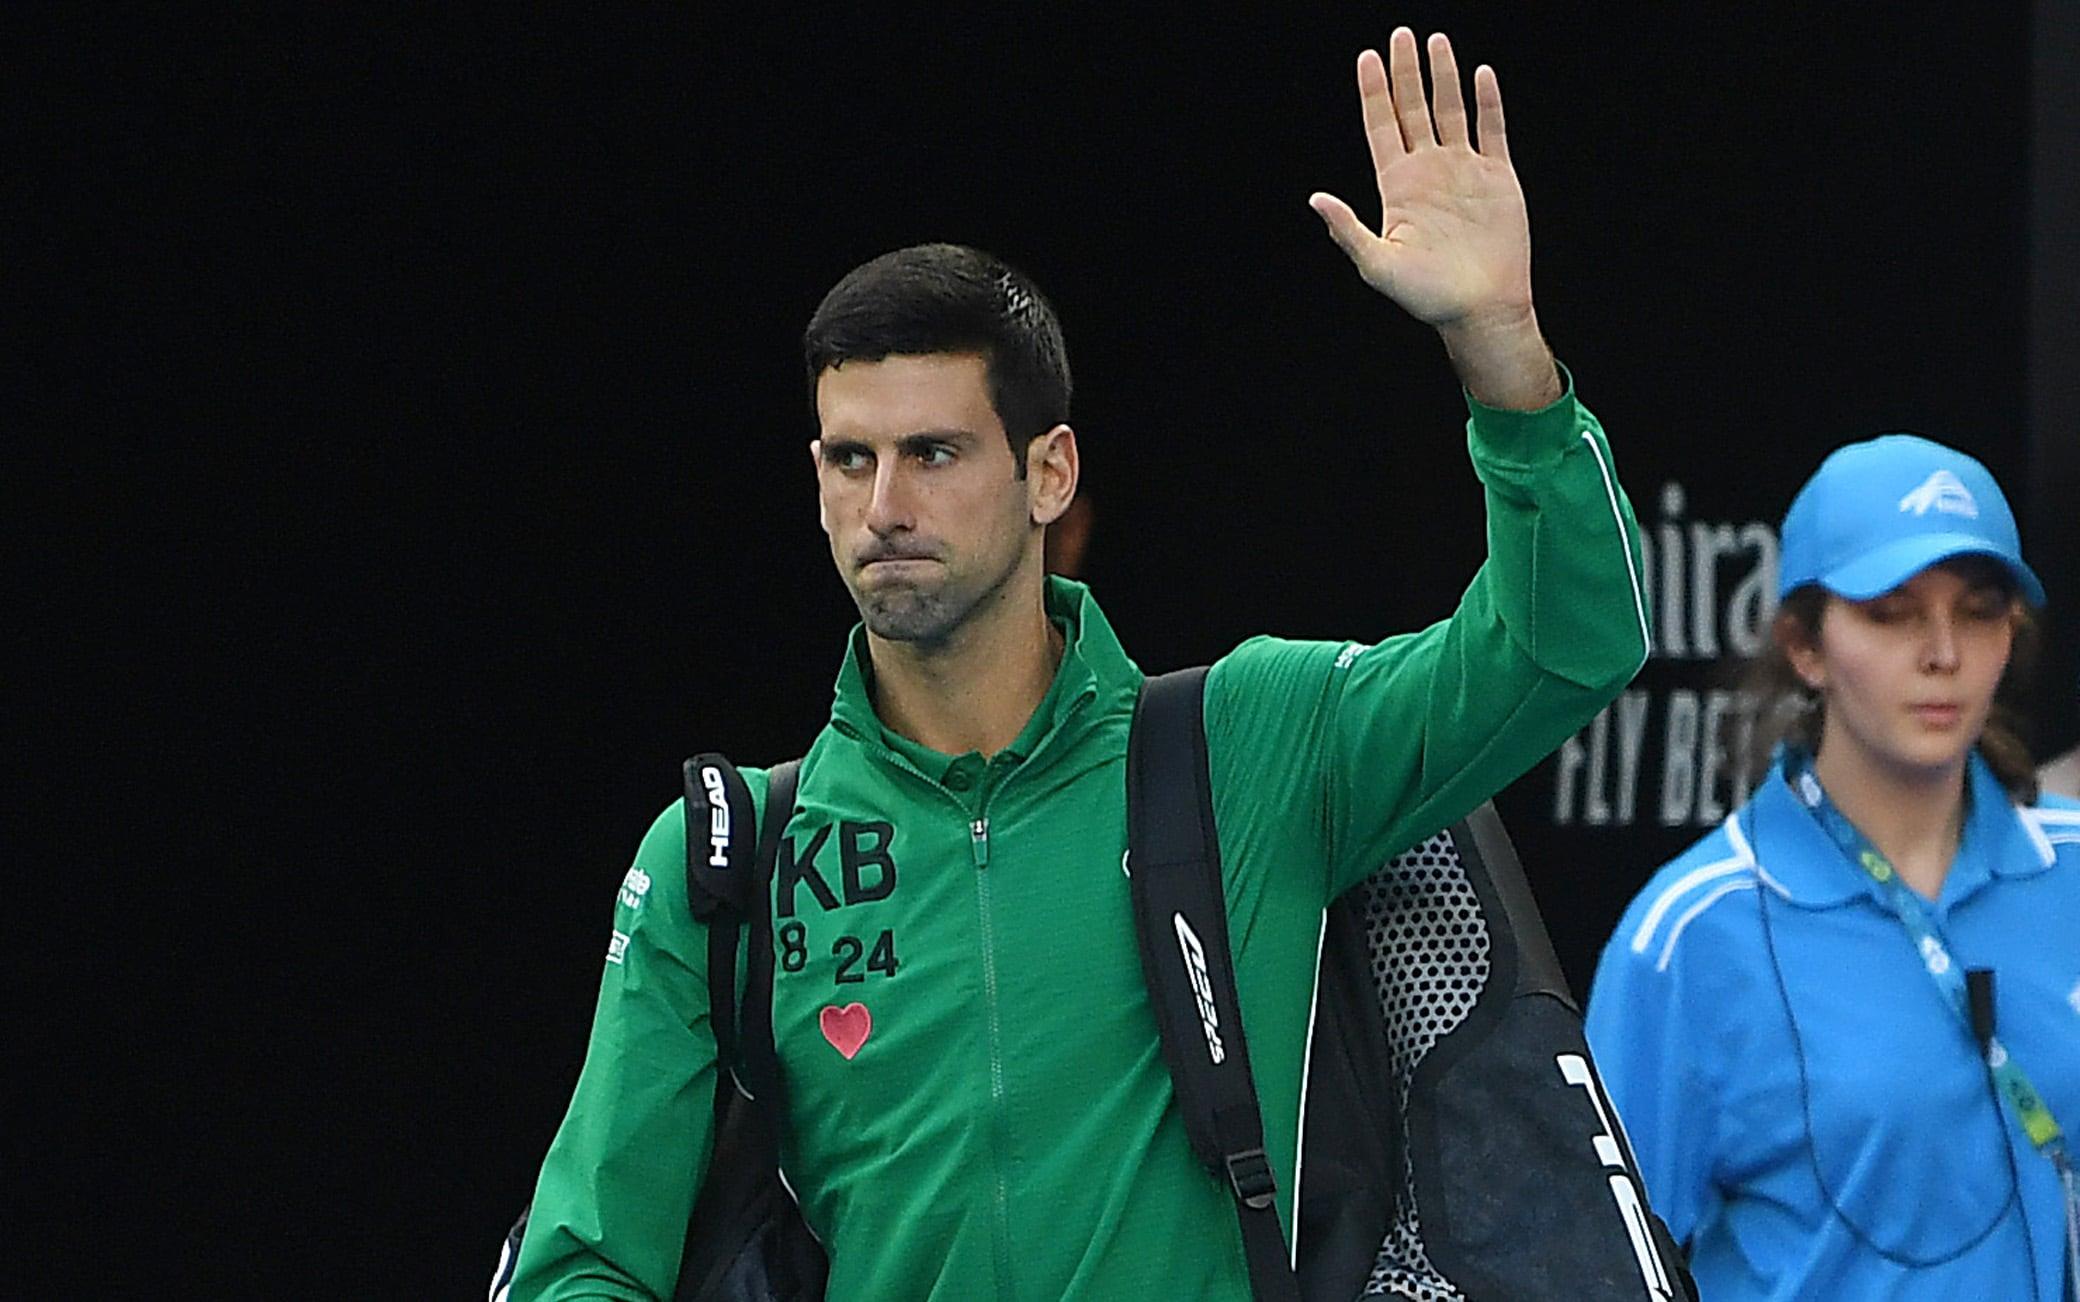 Australian Open 2020 Djokovic Indossa Una Felpa In Ricordo Di Kobe Bryant Sky Sport